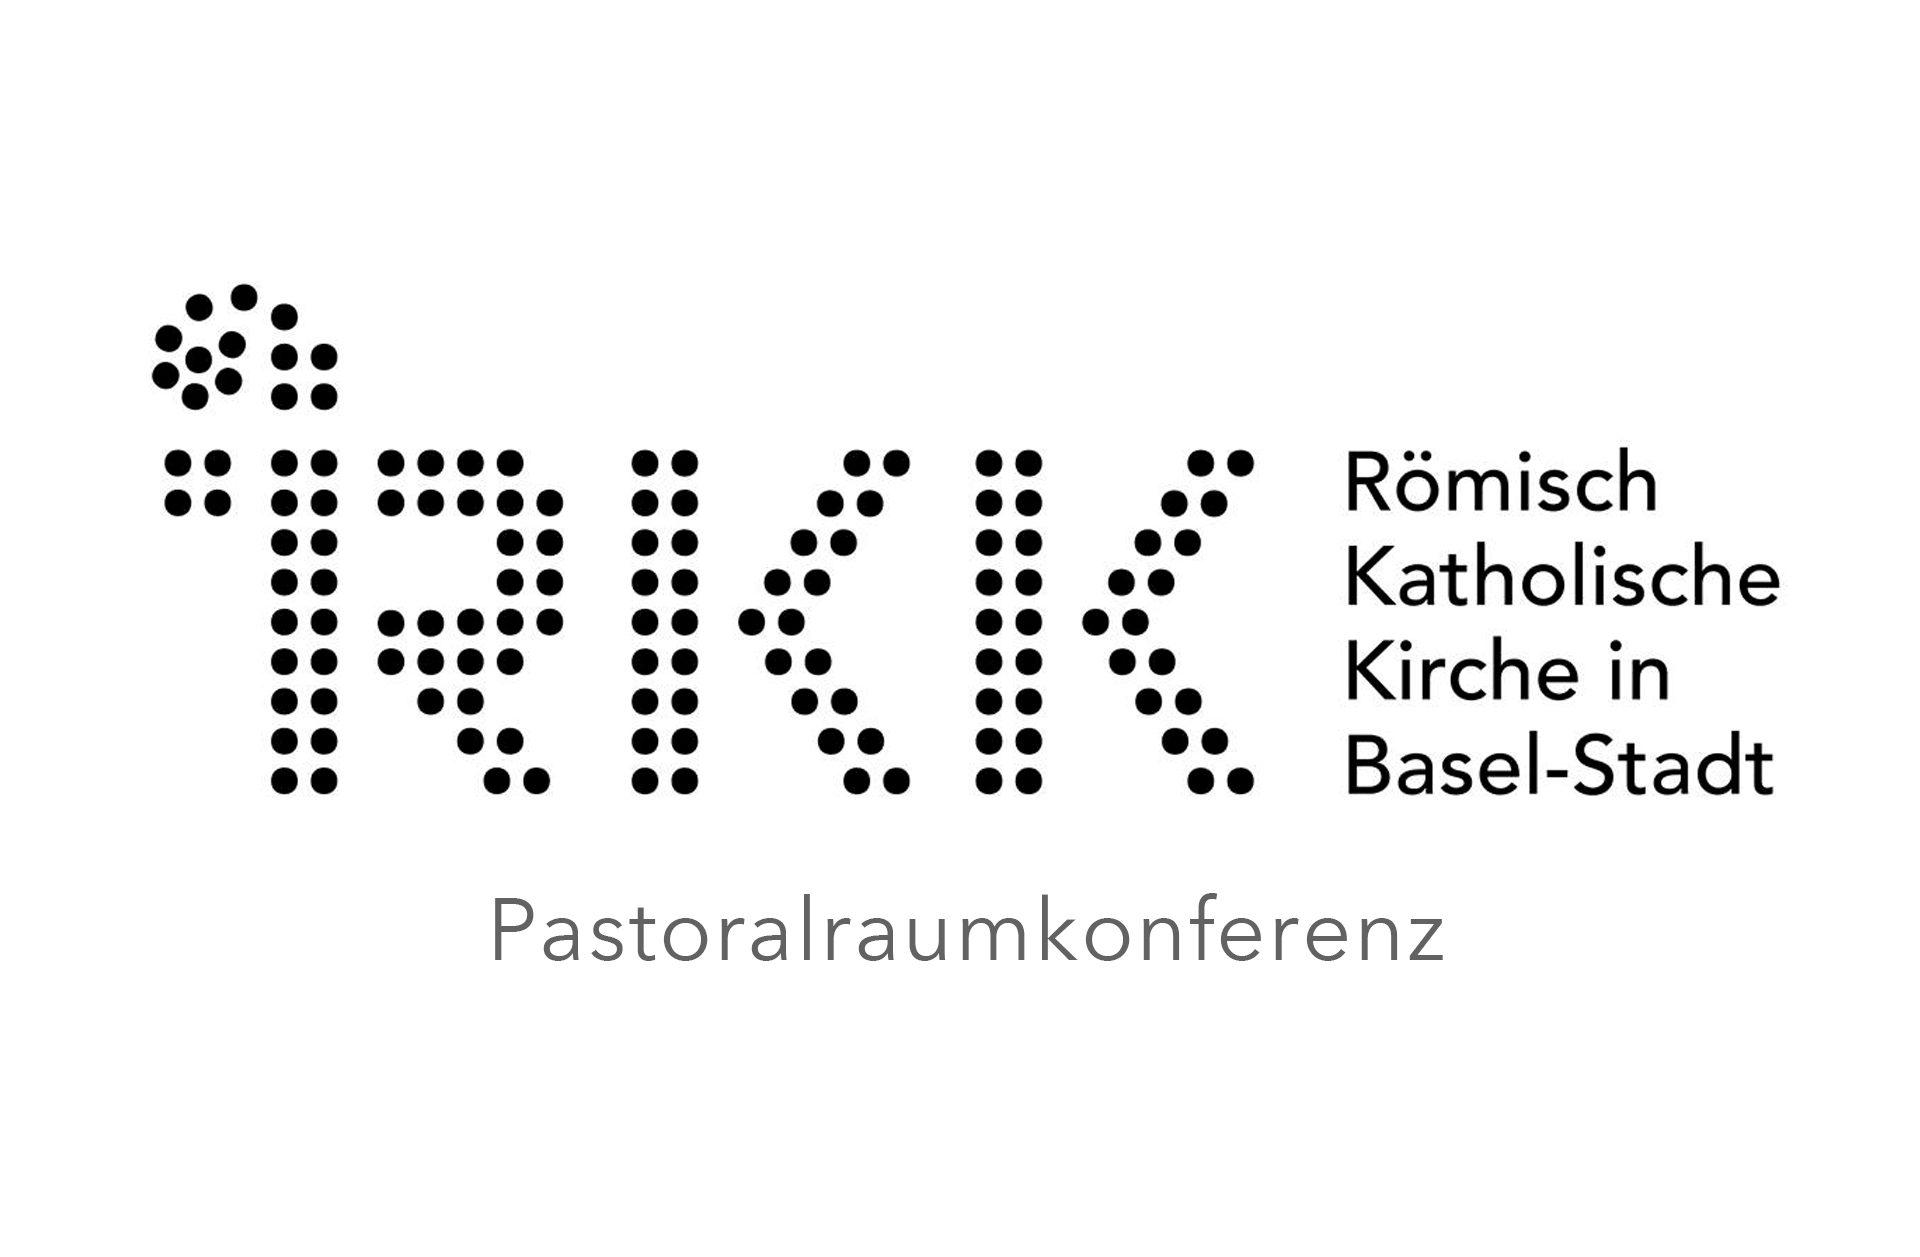 Pastoralraumkonferenz der Römisch-Katholischen Kirche Basel-Stadt